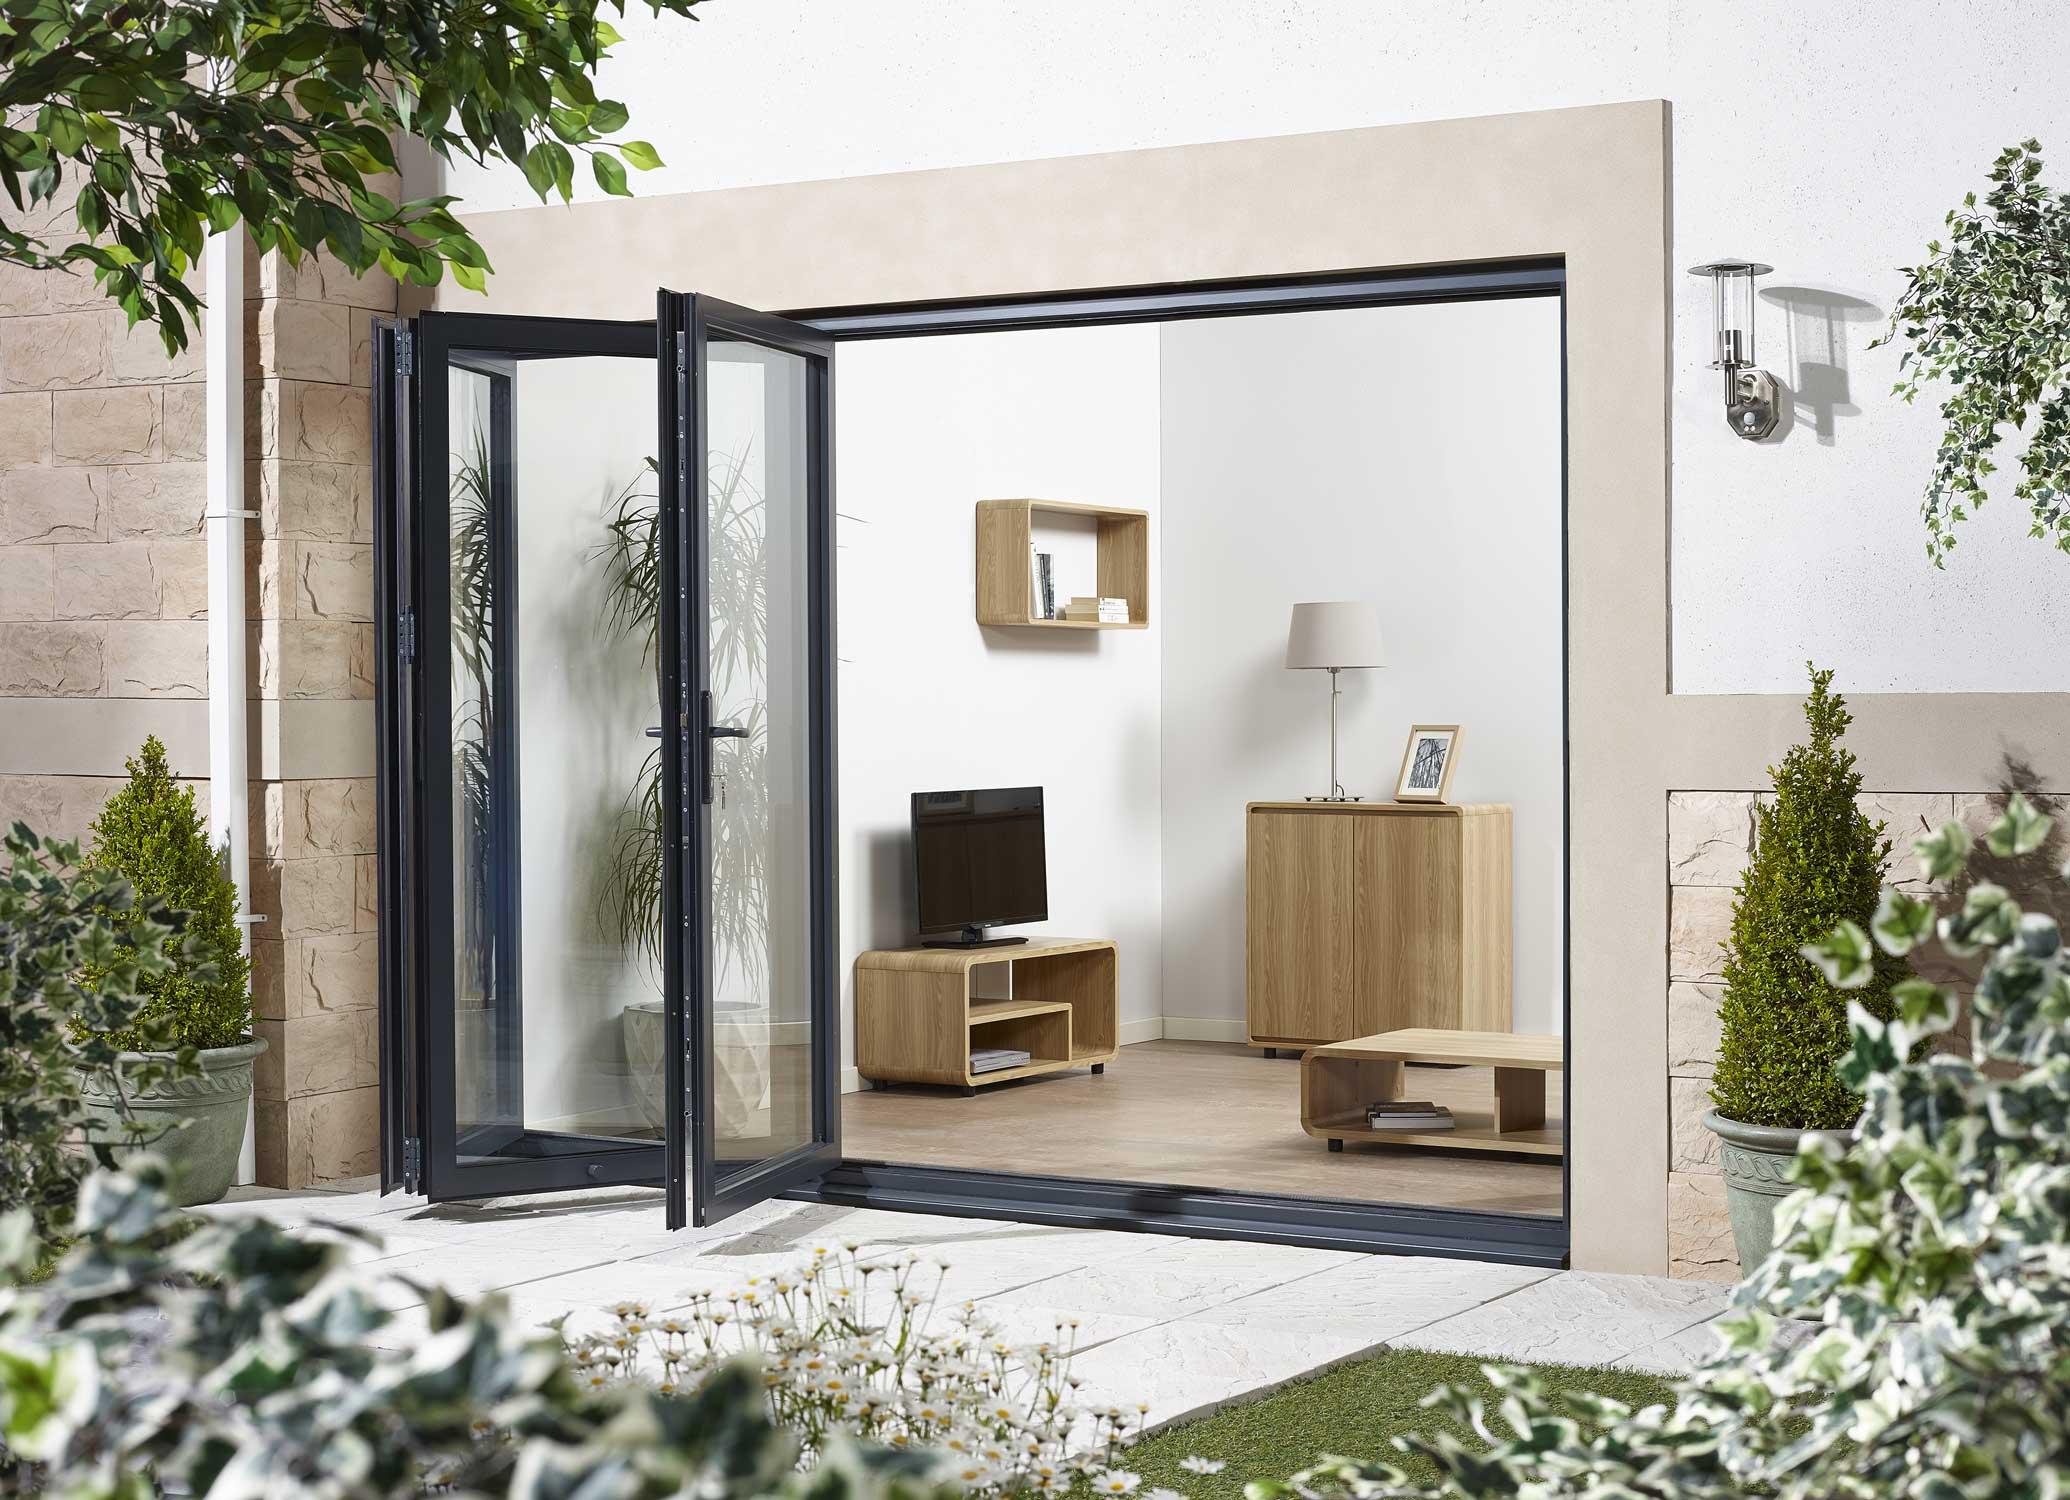 External Folding Doors | Exterior Door Pairs | Oak Exterior Pairs ...